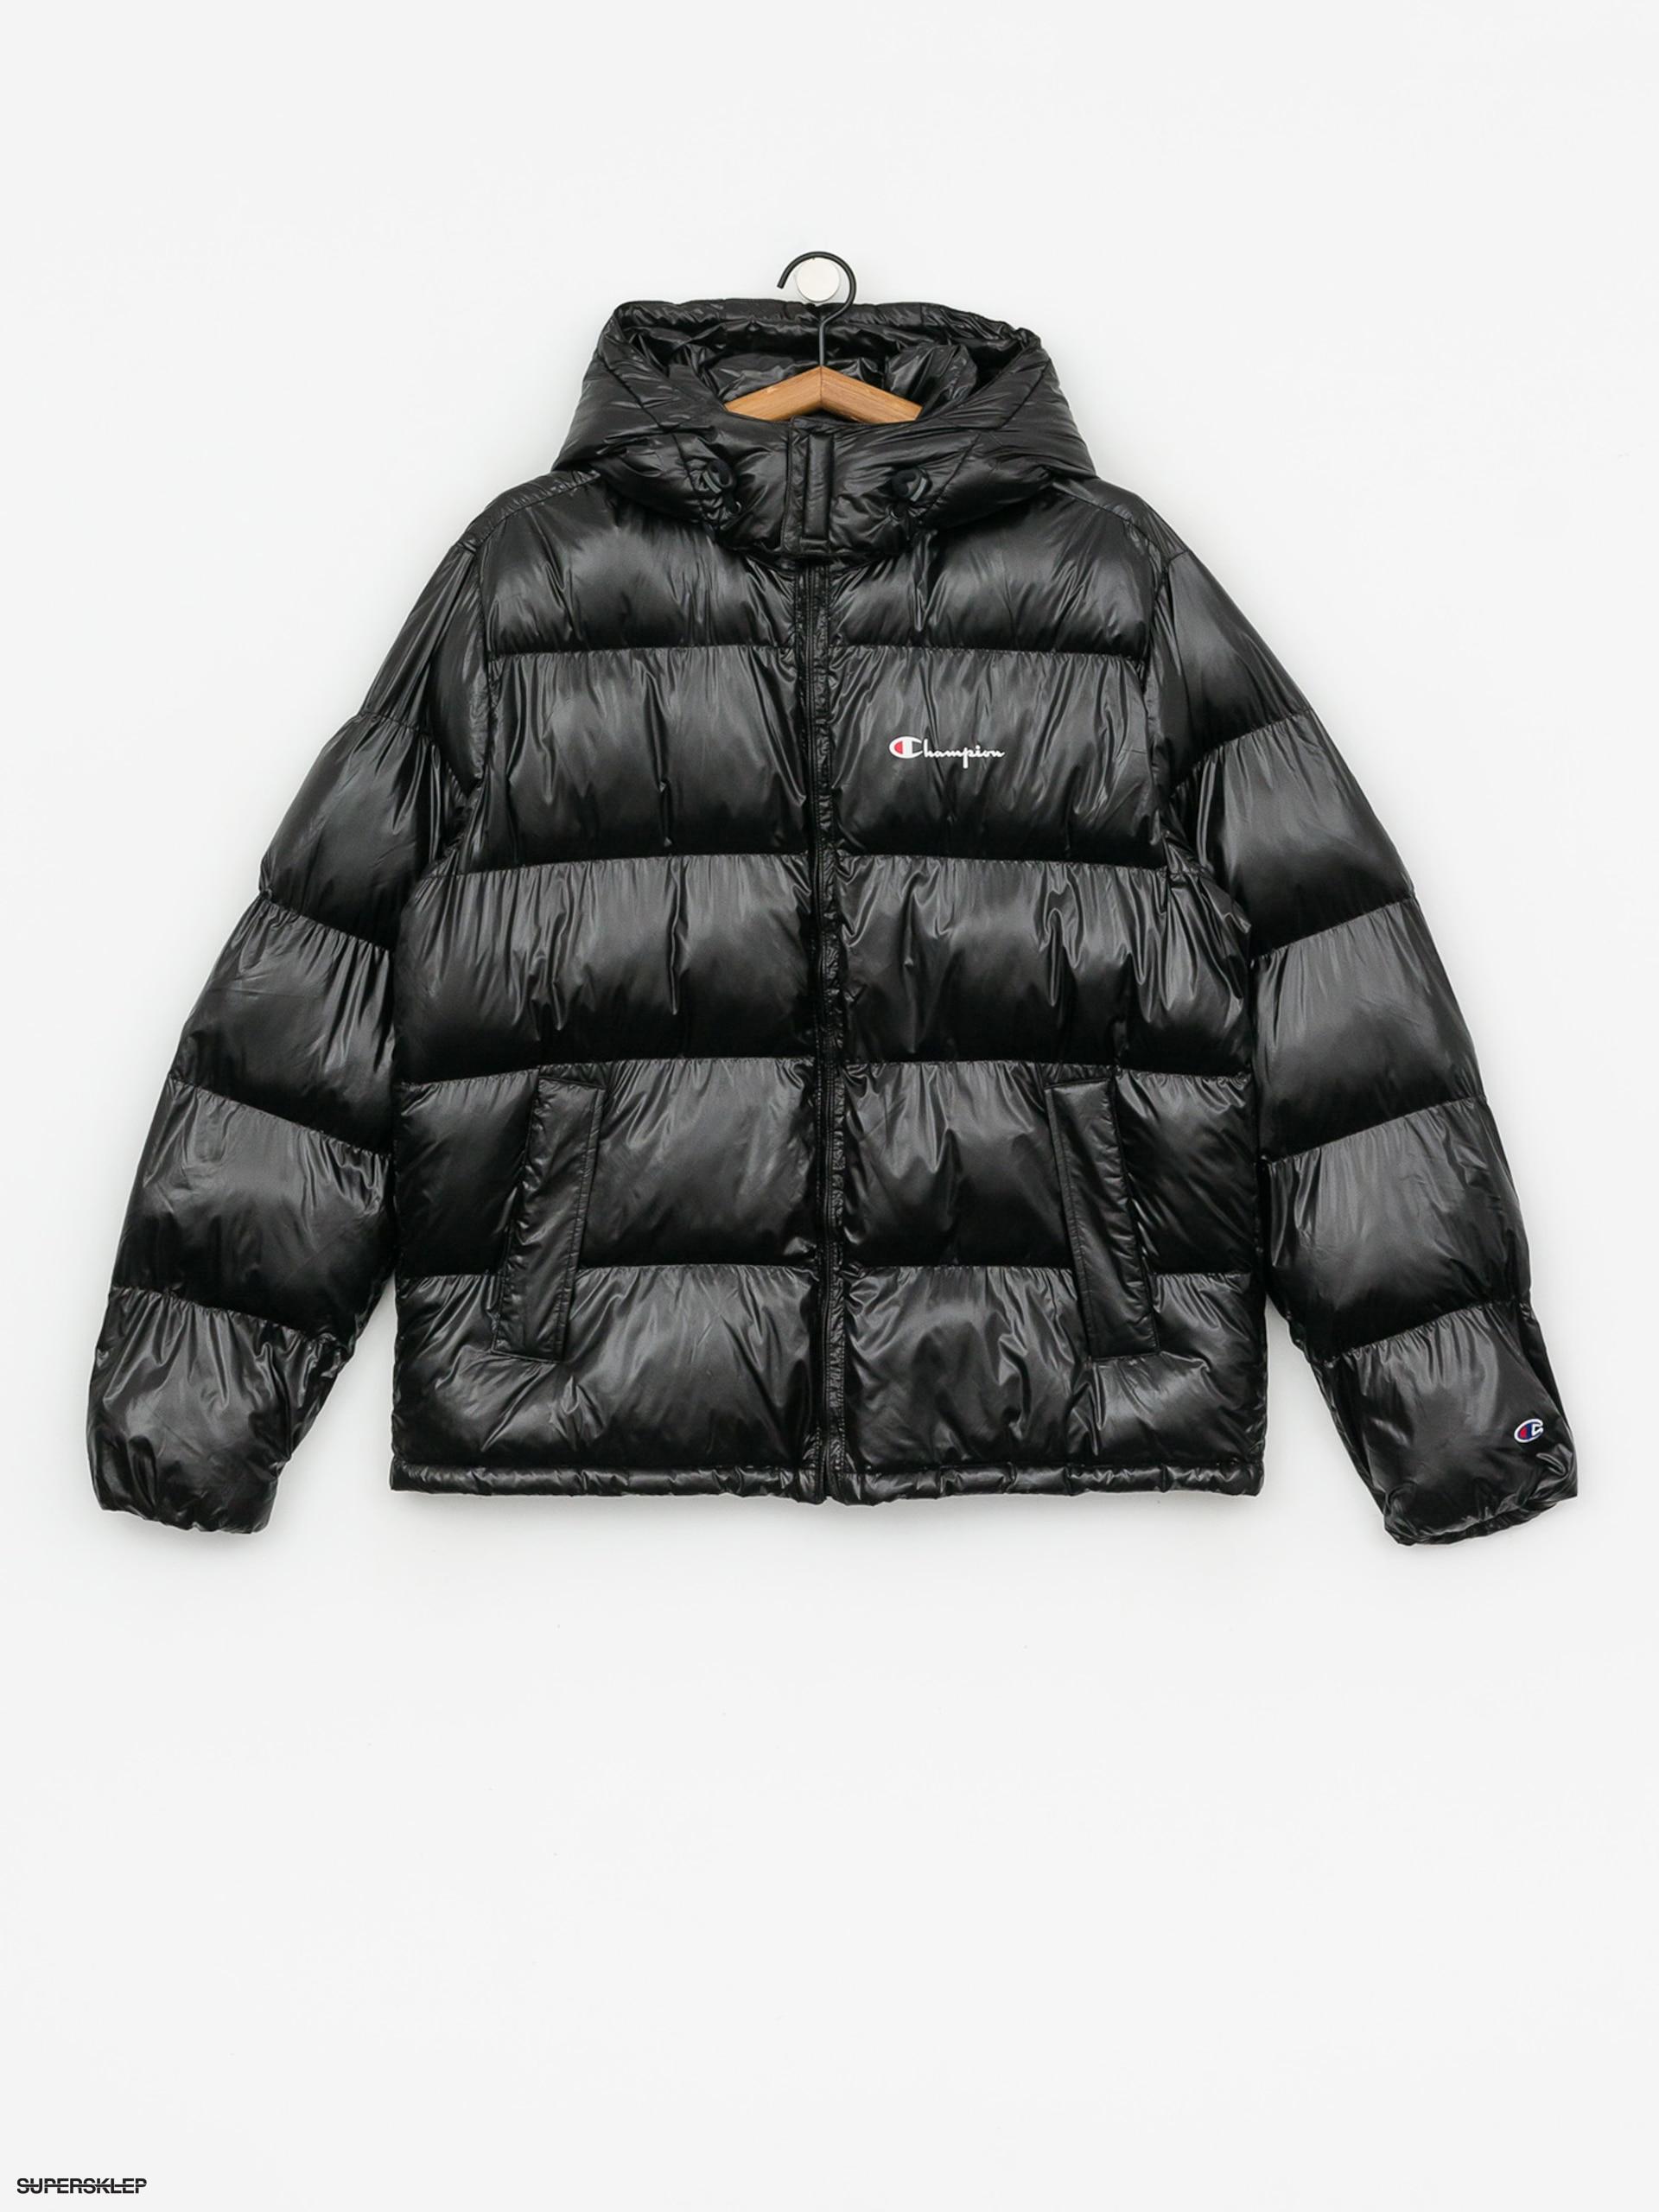 Hoodie Nike Peak Performance Jacket PNG, Clipart, Adidas